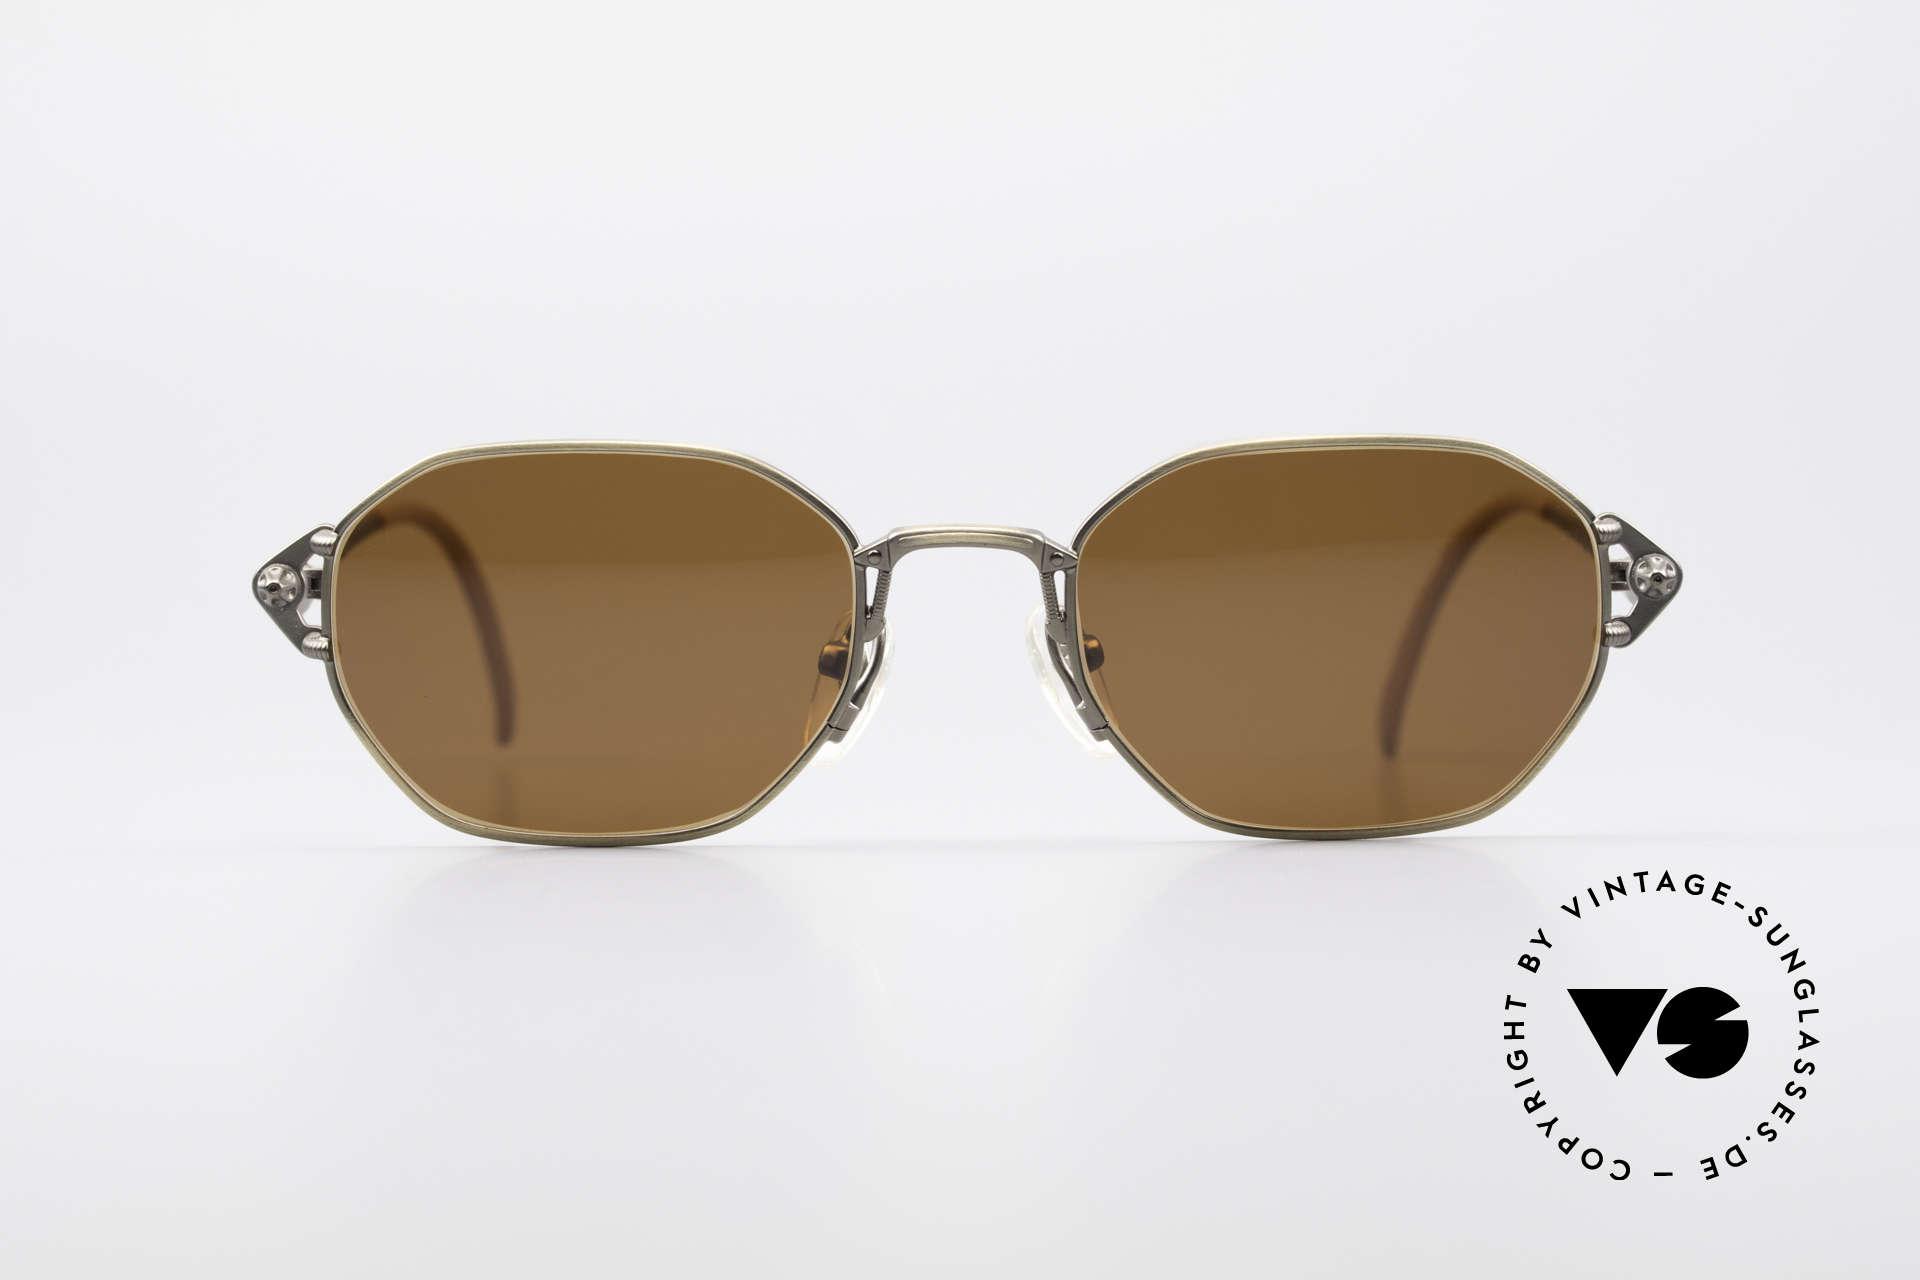 Jean Paul Gaultier 55-6106 90er Designer Sonnenbrille, robustes Gestell mit großartigen Details (Bügelansatz), Passend für Herren und Damen